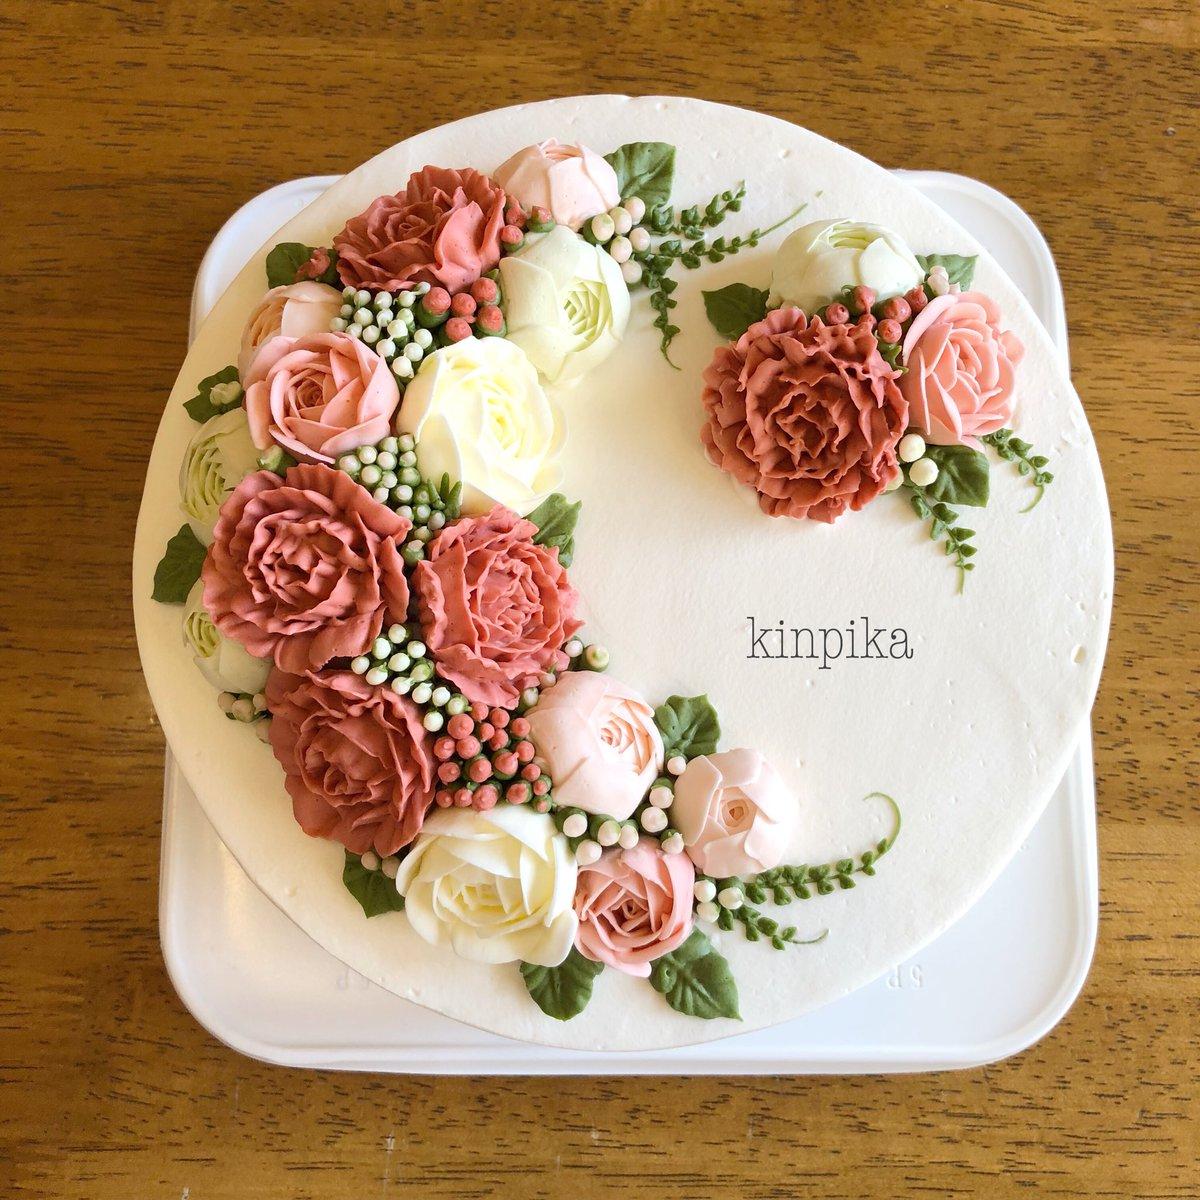 母の日のケーキ、考え中。 これは前にご注文いただいたものですが やっぱり需要はカーネーションでしょうか?  悩むなー。